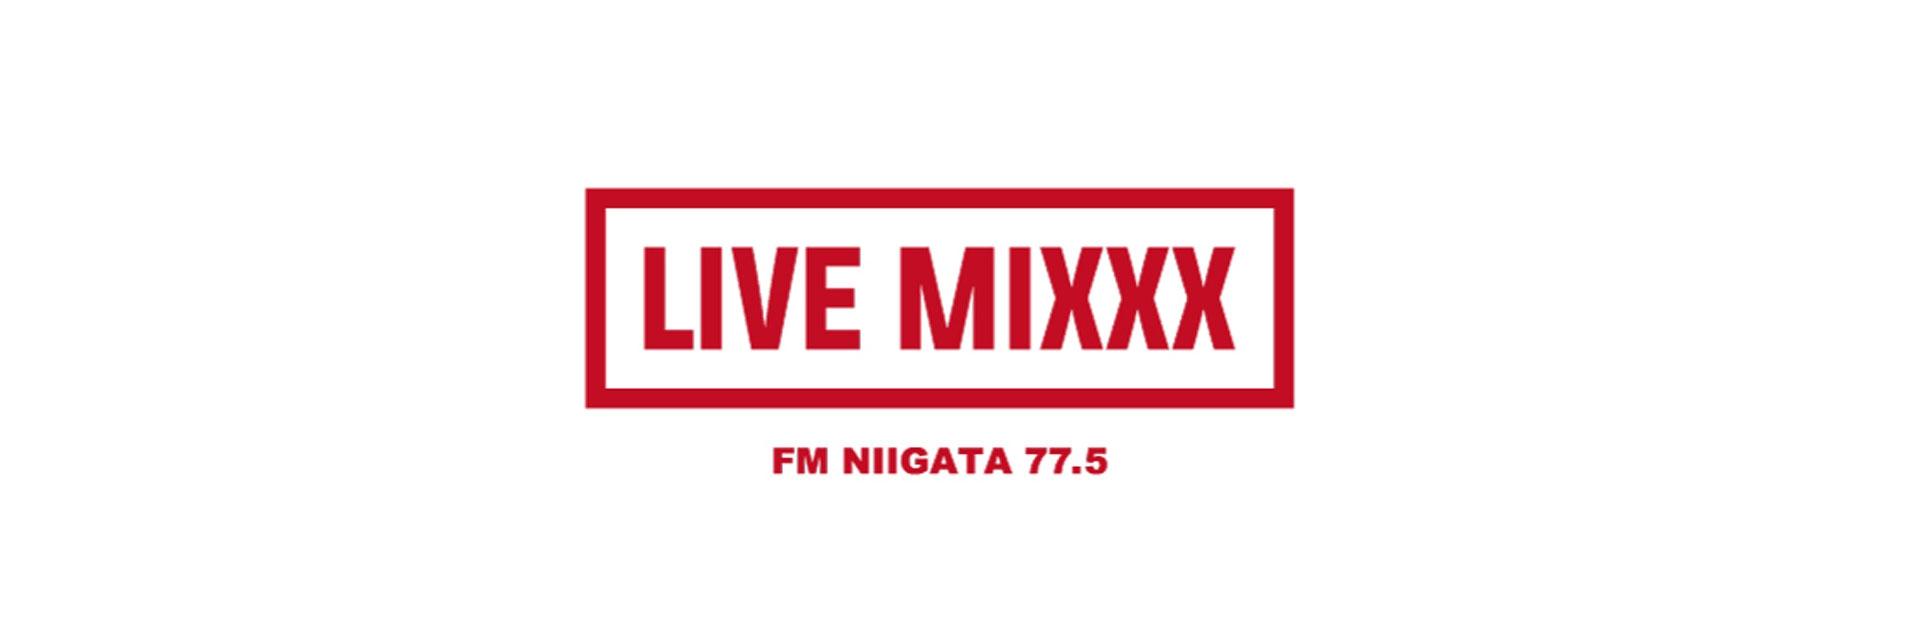 LIVE MIXXX